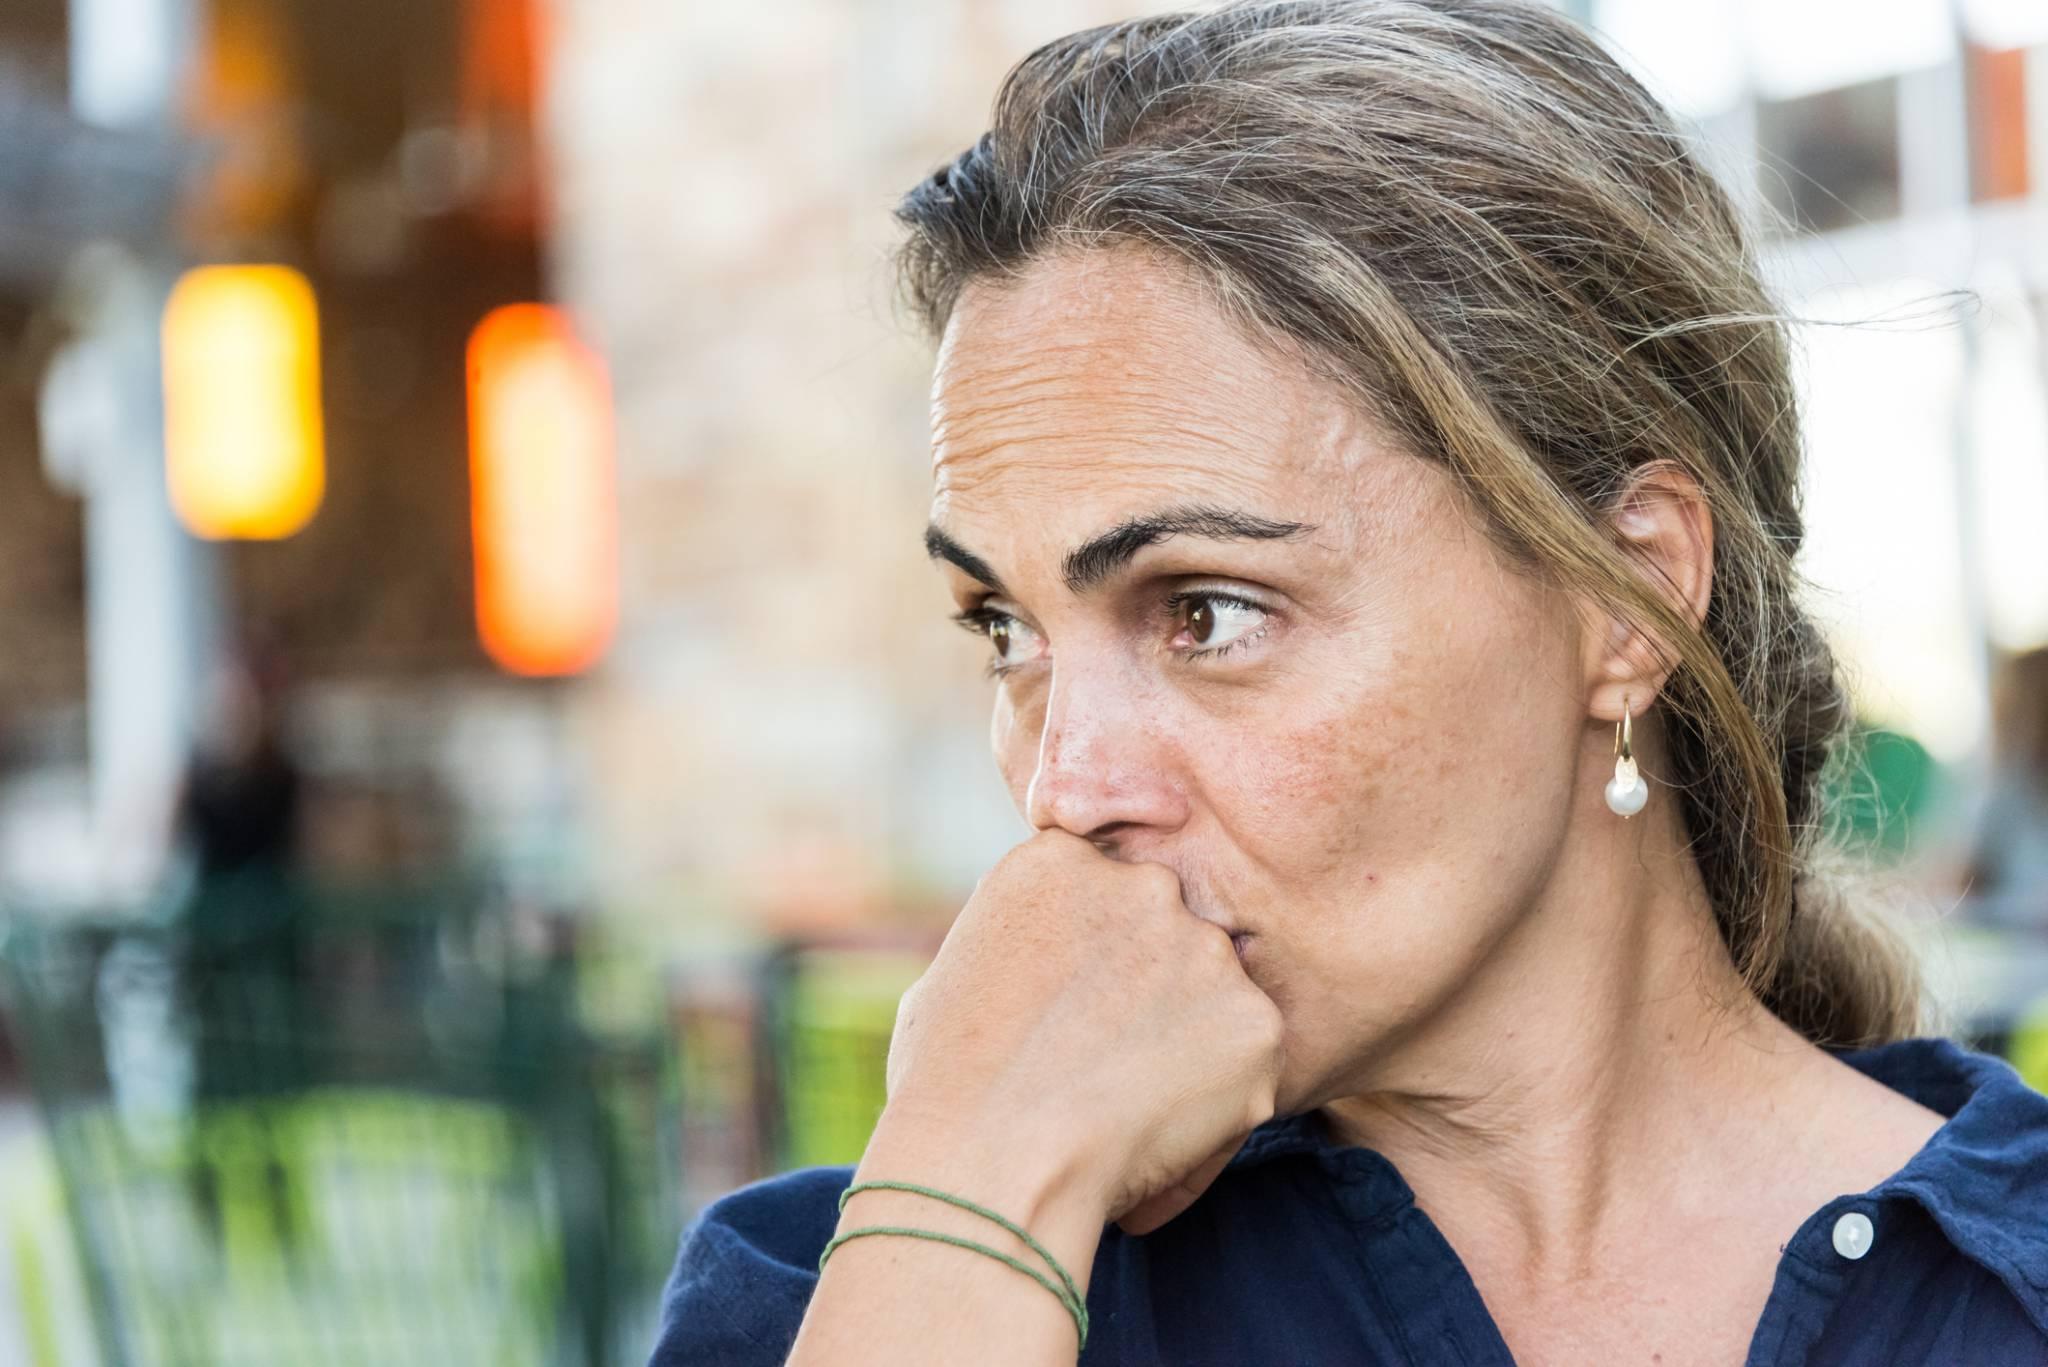 Kryzys środka życia. Co to za zjawisko? – wywiad z psychoterapeutą Tomaszem Teodorczykiem